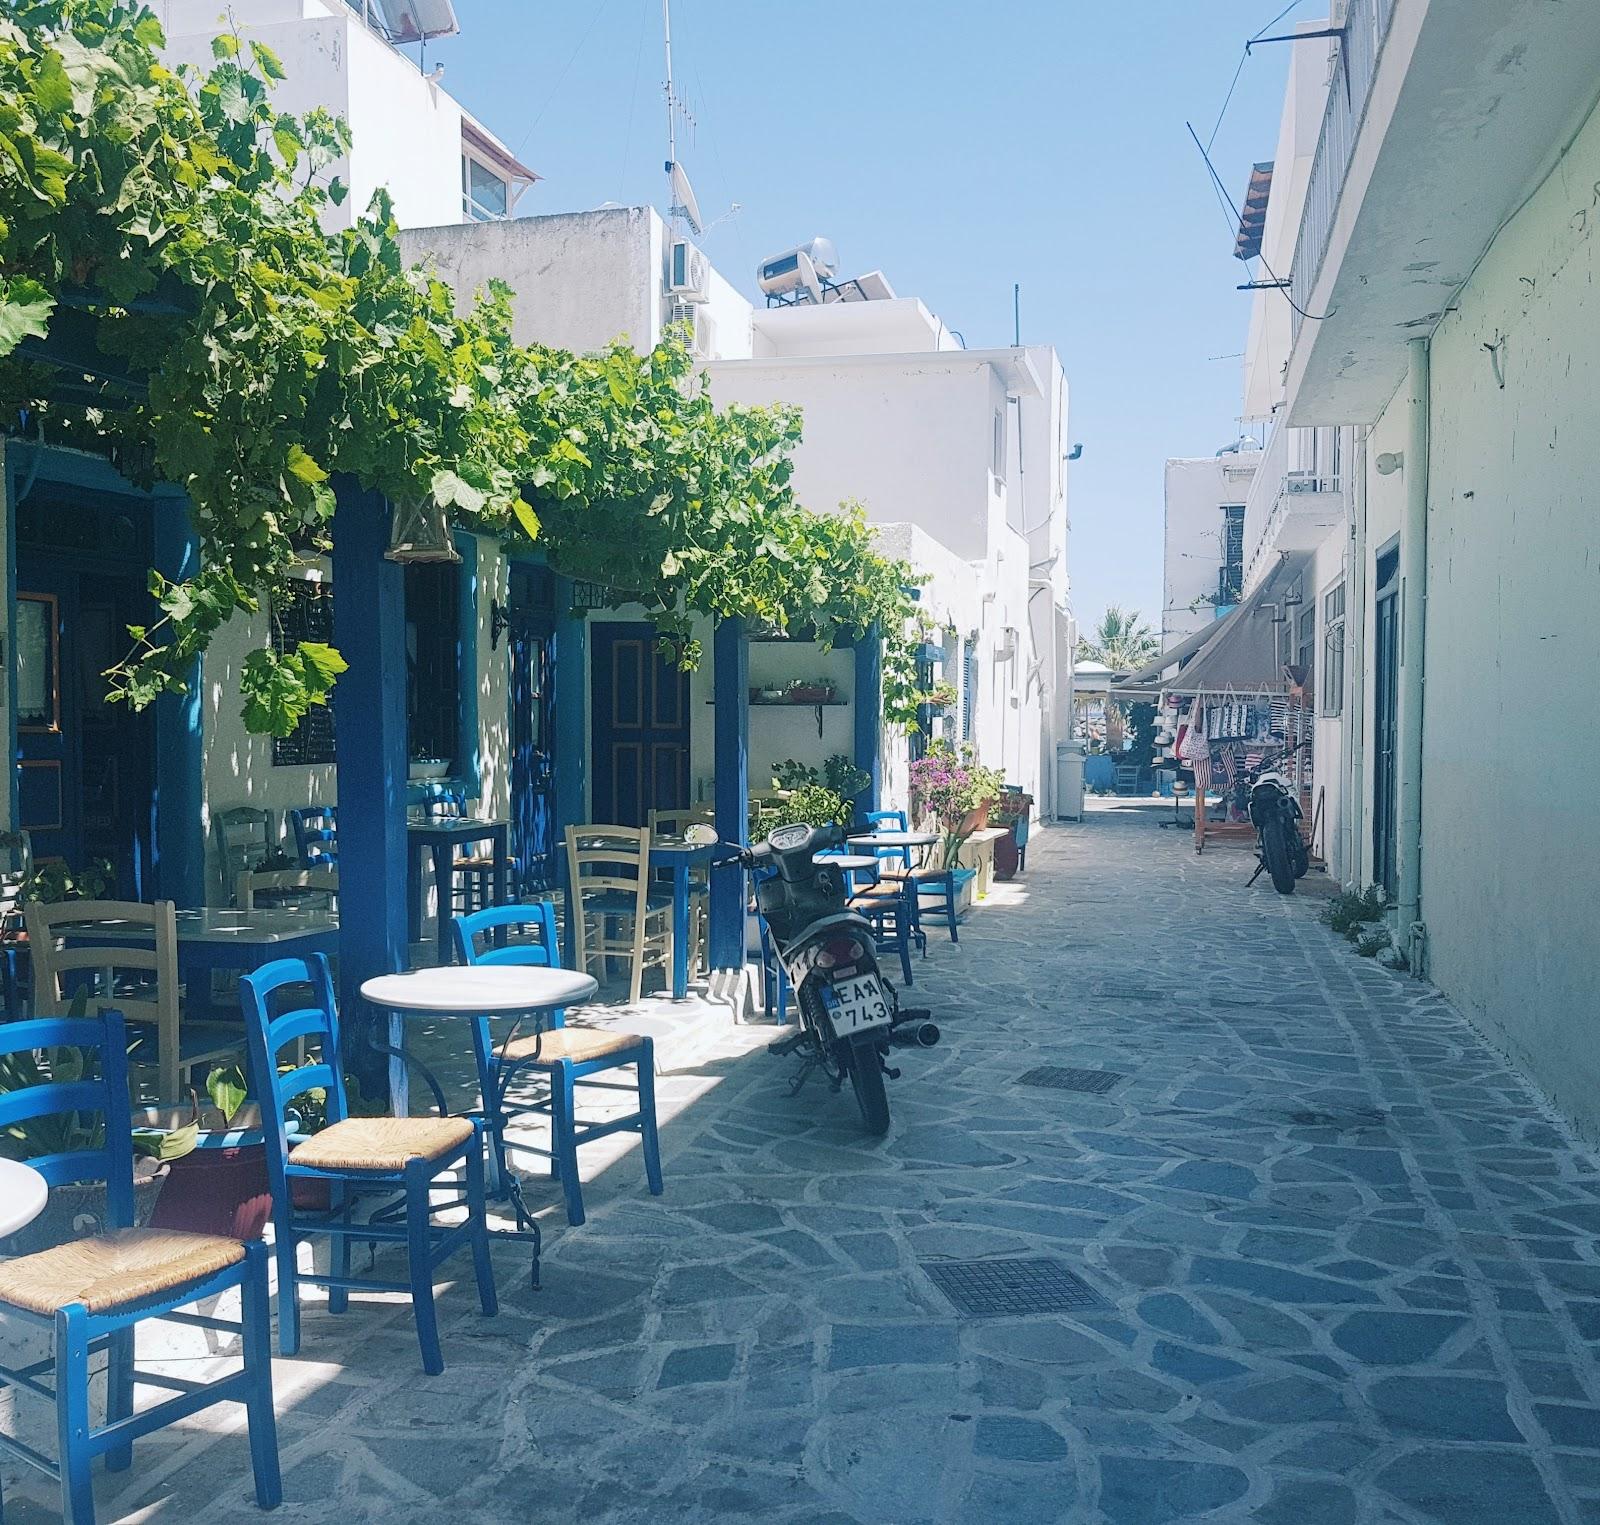 איי יוון אוכל יווני המלצות אטרקציות למטייל טיול משפחה זוגות לאן לטוס אחרי הקורונה מדינה ירוקה קוס